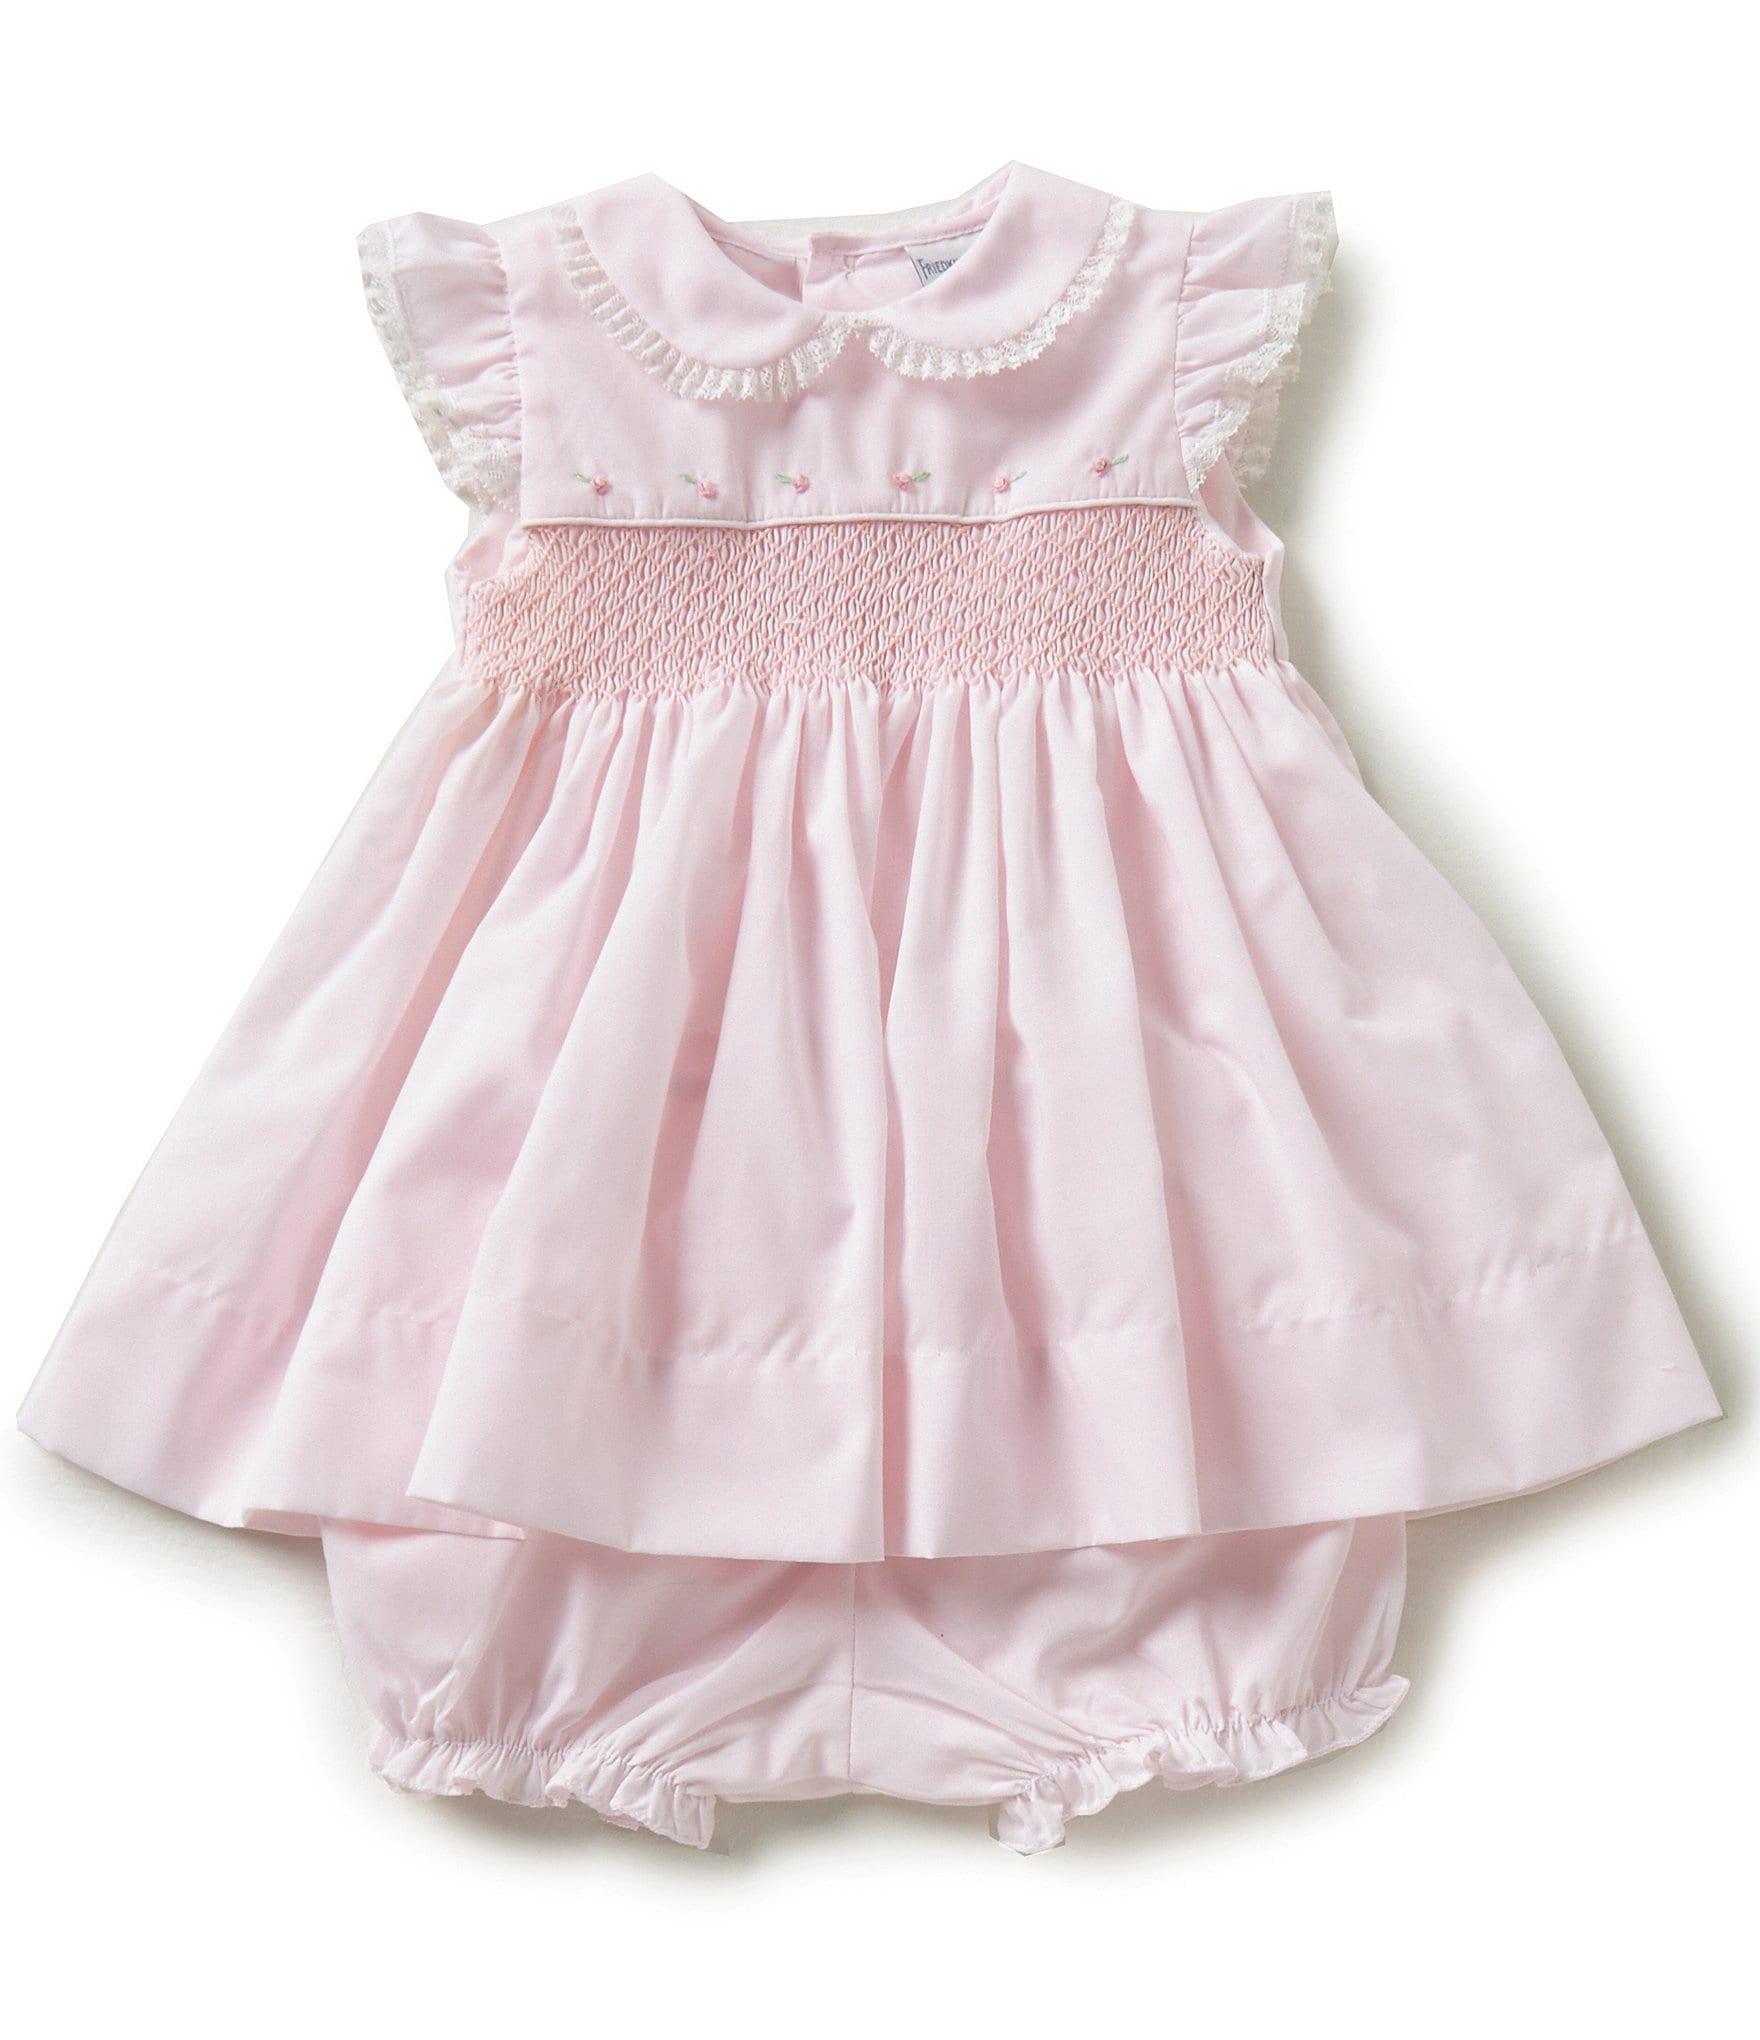 Friedknit Creations Baby Girls 3 9 Months Flutter Sleeve